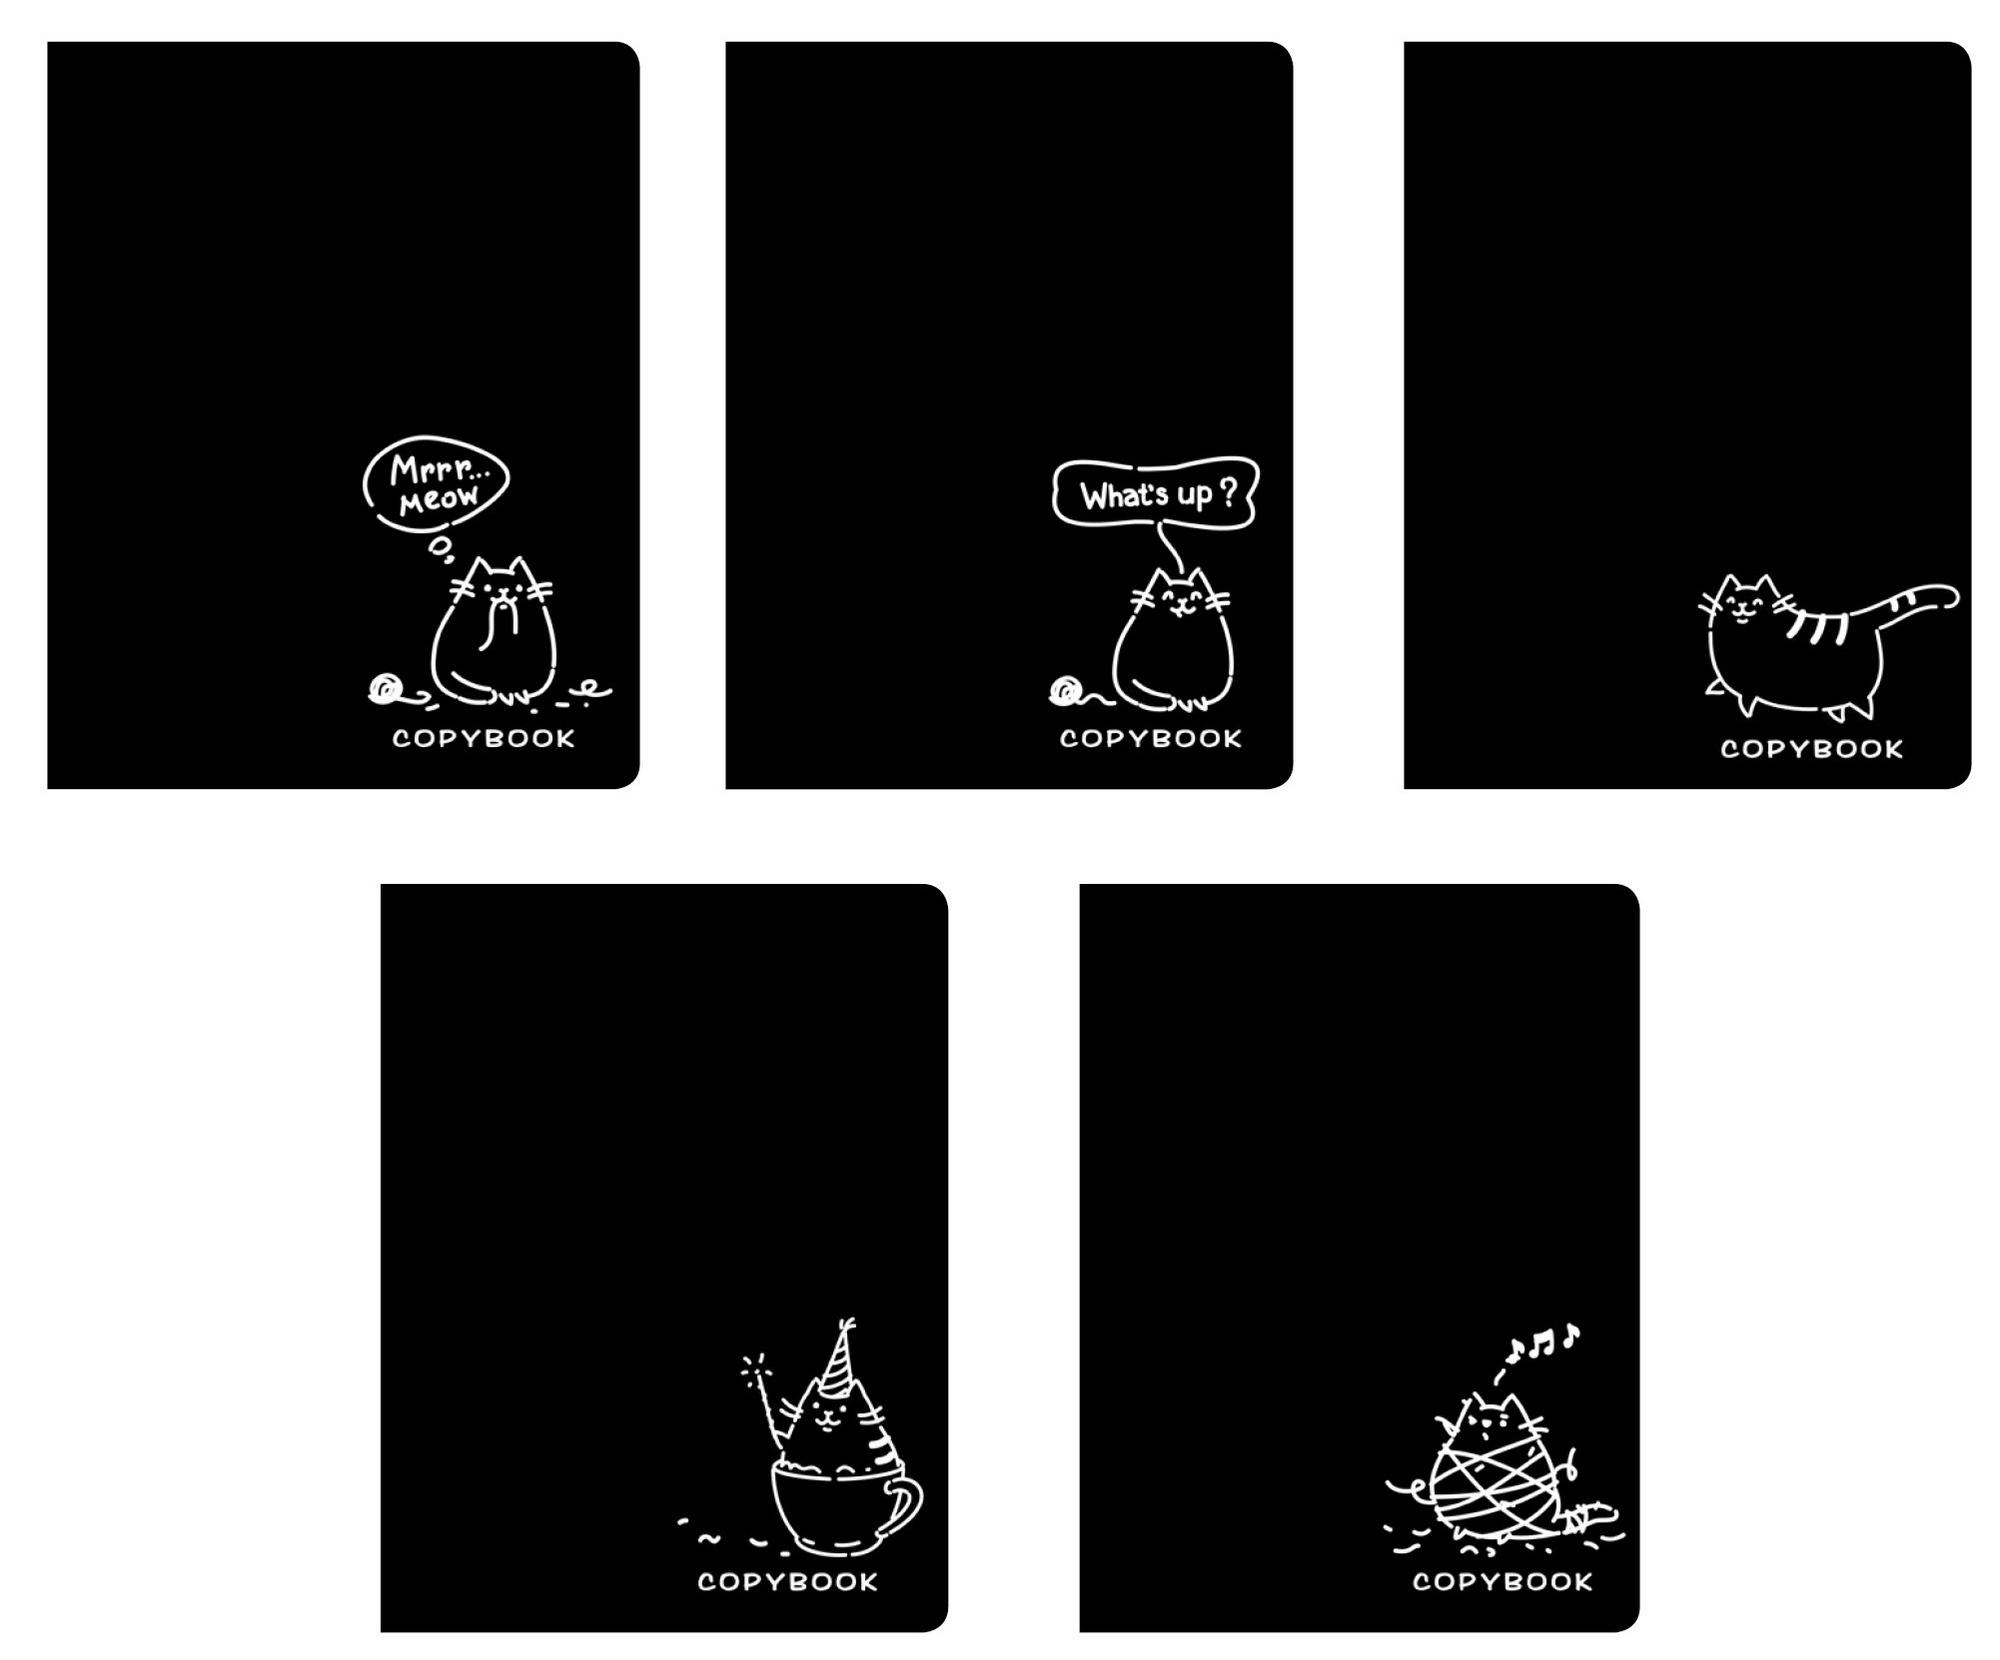 """Тетрадь """"TOTAL BLACK. Философия кота"""" А5, 48 листов, в клетку бренда Эксмо – купить по цене 60 руб. в интернет-магазине Республика, 514951."""